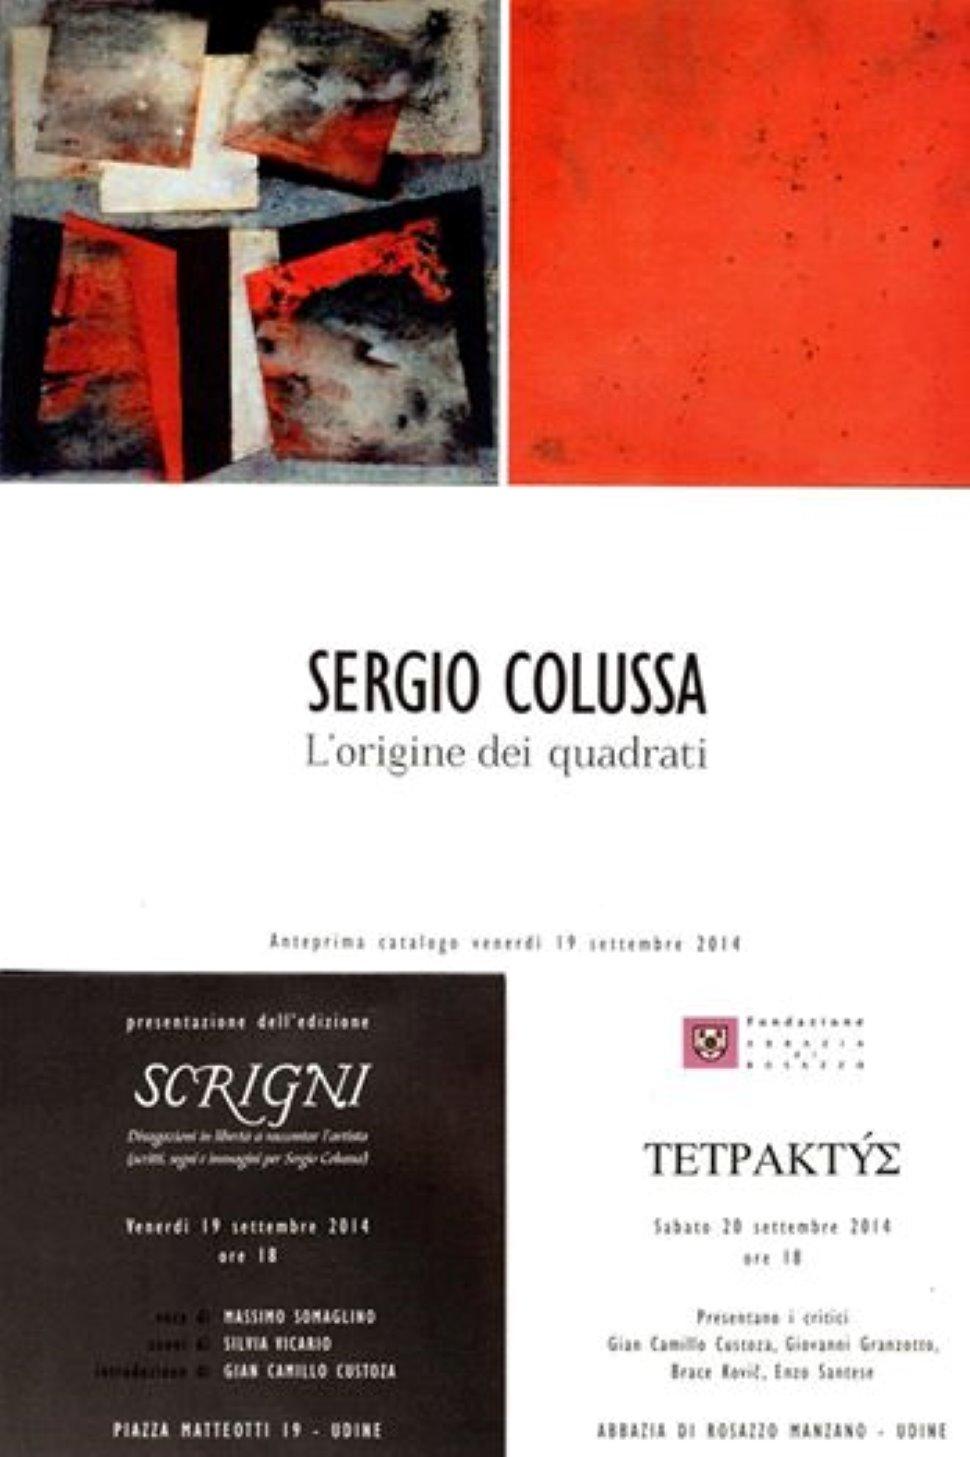 Mostra d'arte 'Tetraktys. L'origine dei quadrati' di Sergio Colussa